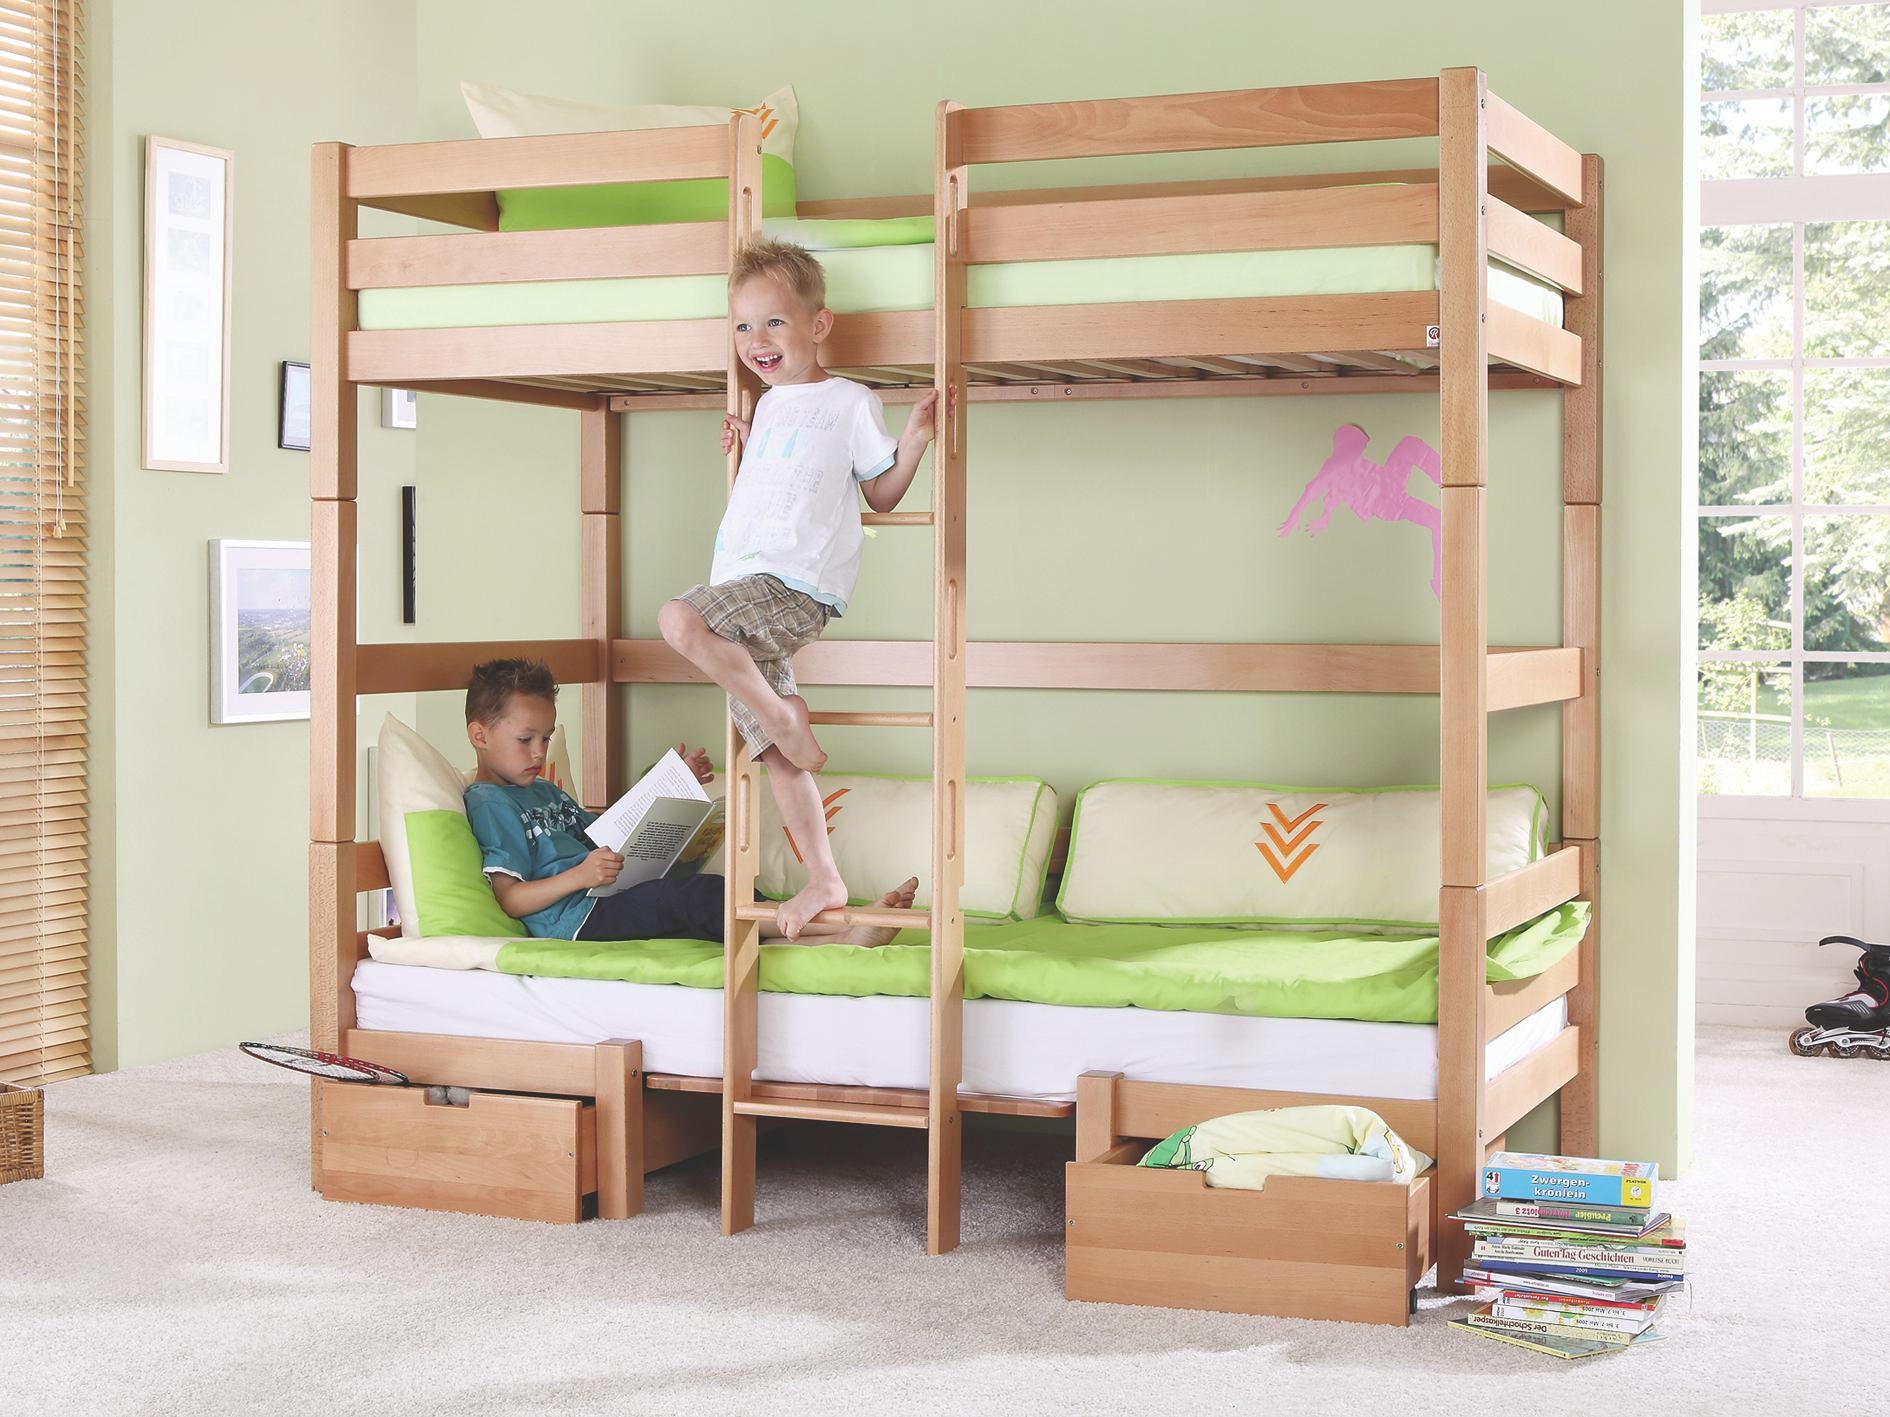 Etagenbett Kinder Halbhoch : Etagenbett für kinder mit rutsche hochbett frisch neu